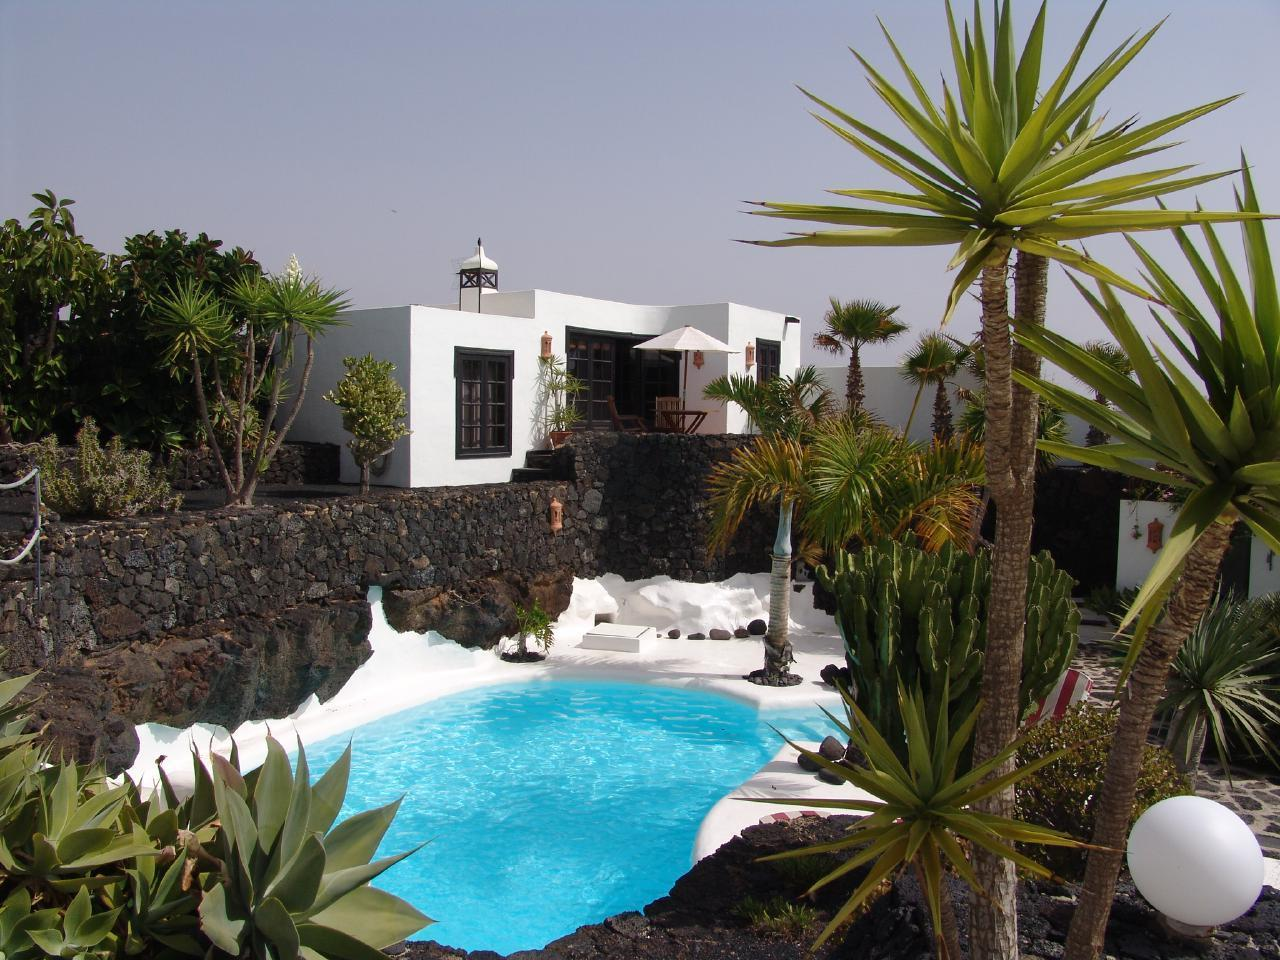 Holiday house CASA TEIGA LUNA 3 SCHLAFZIMMER VILLA MIT POOL UND TERASSE (1682022), Tahiche, Lanzarote, Canary Islands, Spain, picture 3